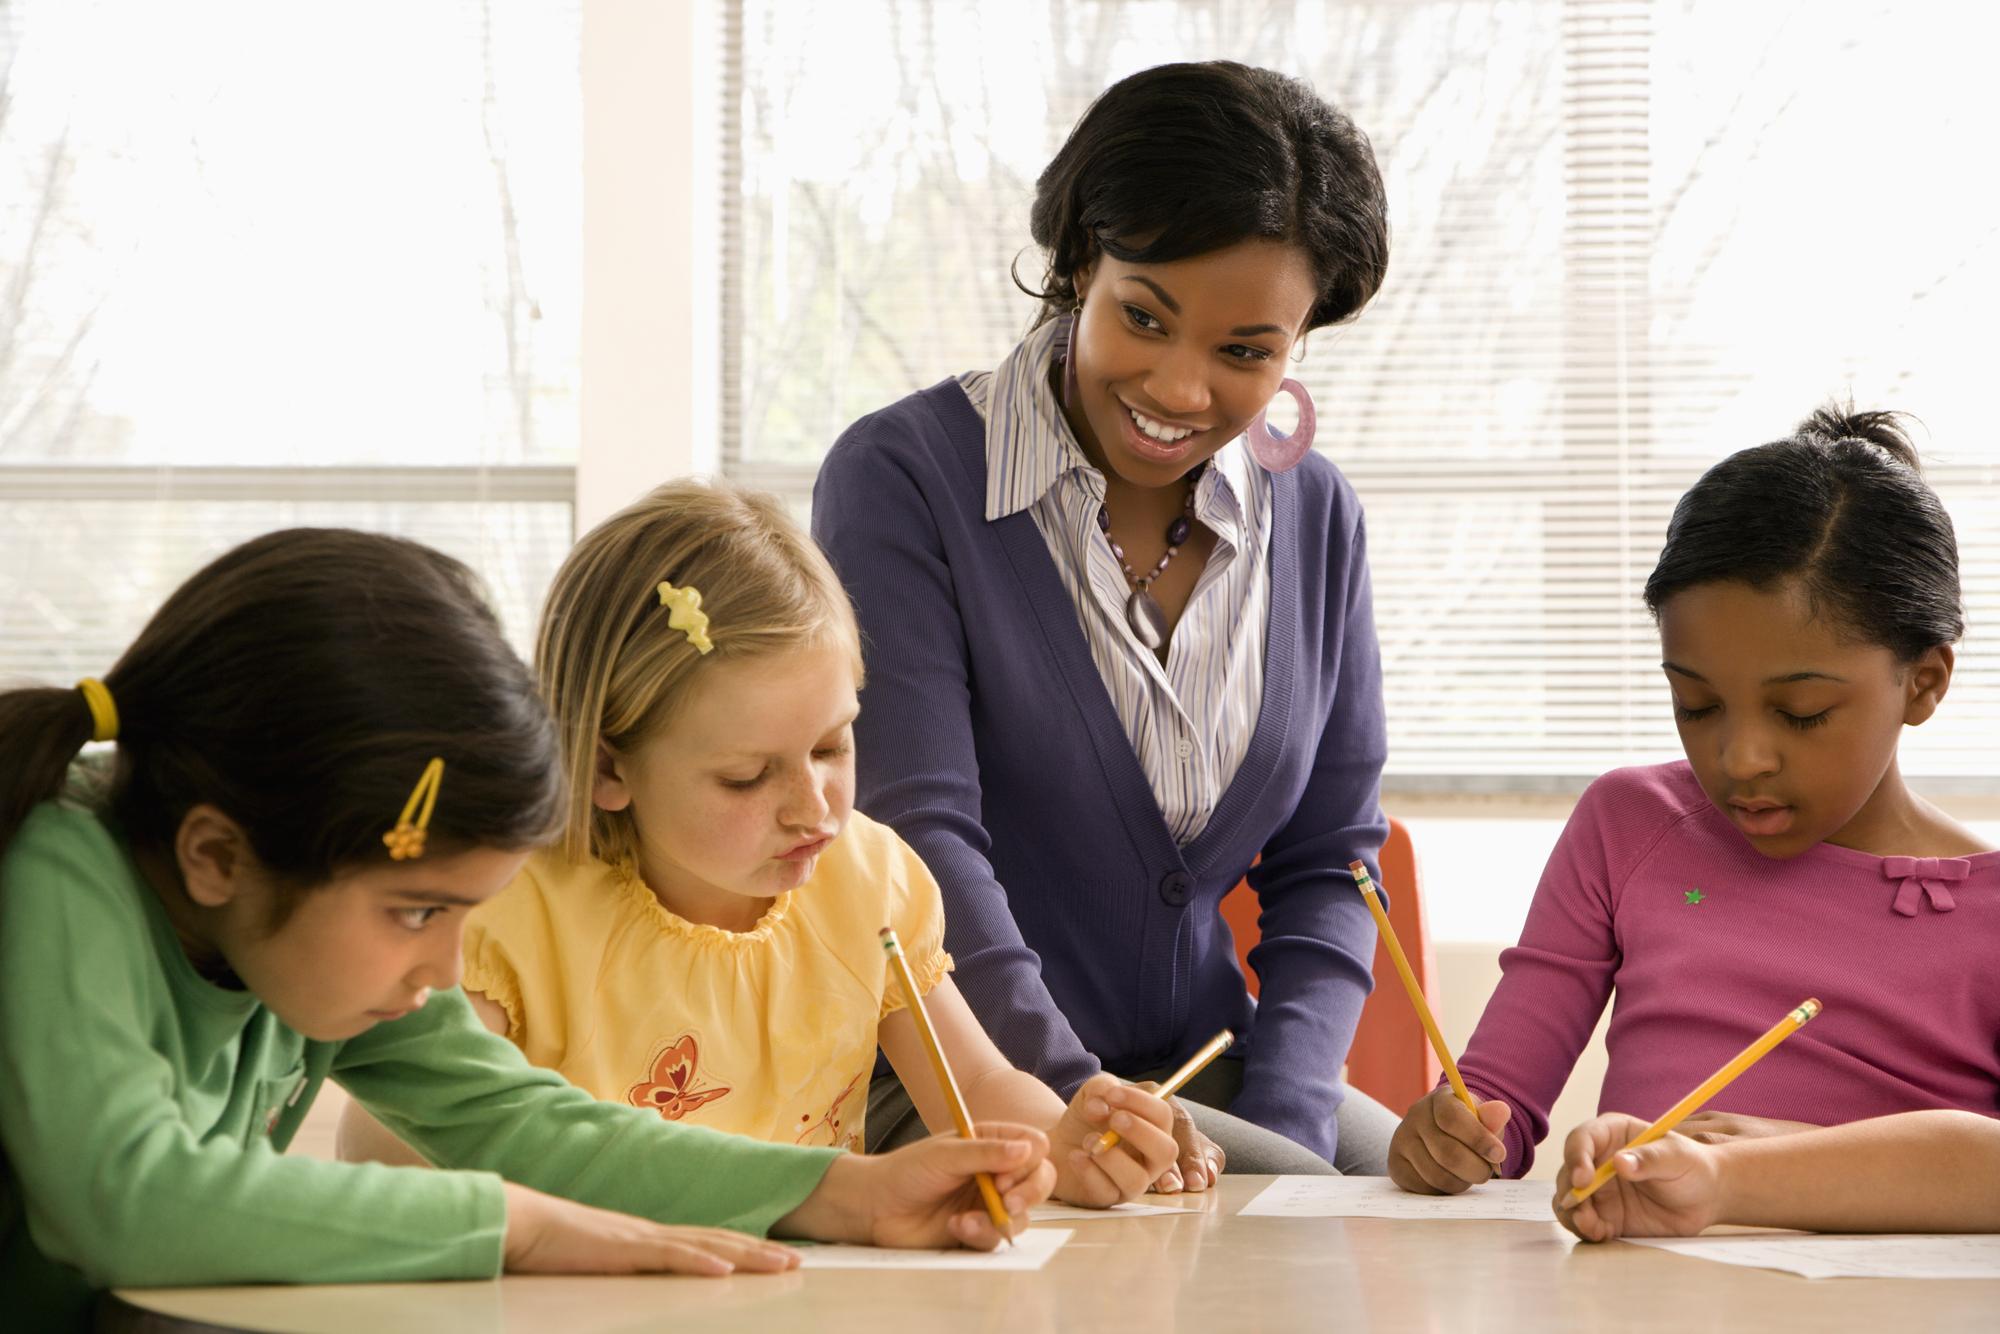 Een geïntegreerd model van motiverende en demotiverende docentstijlen